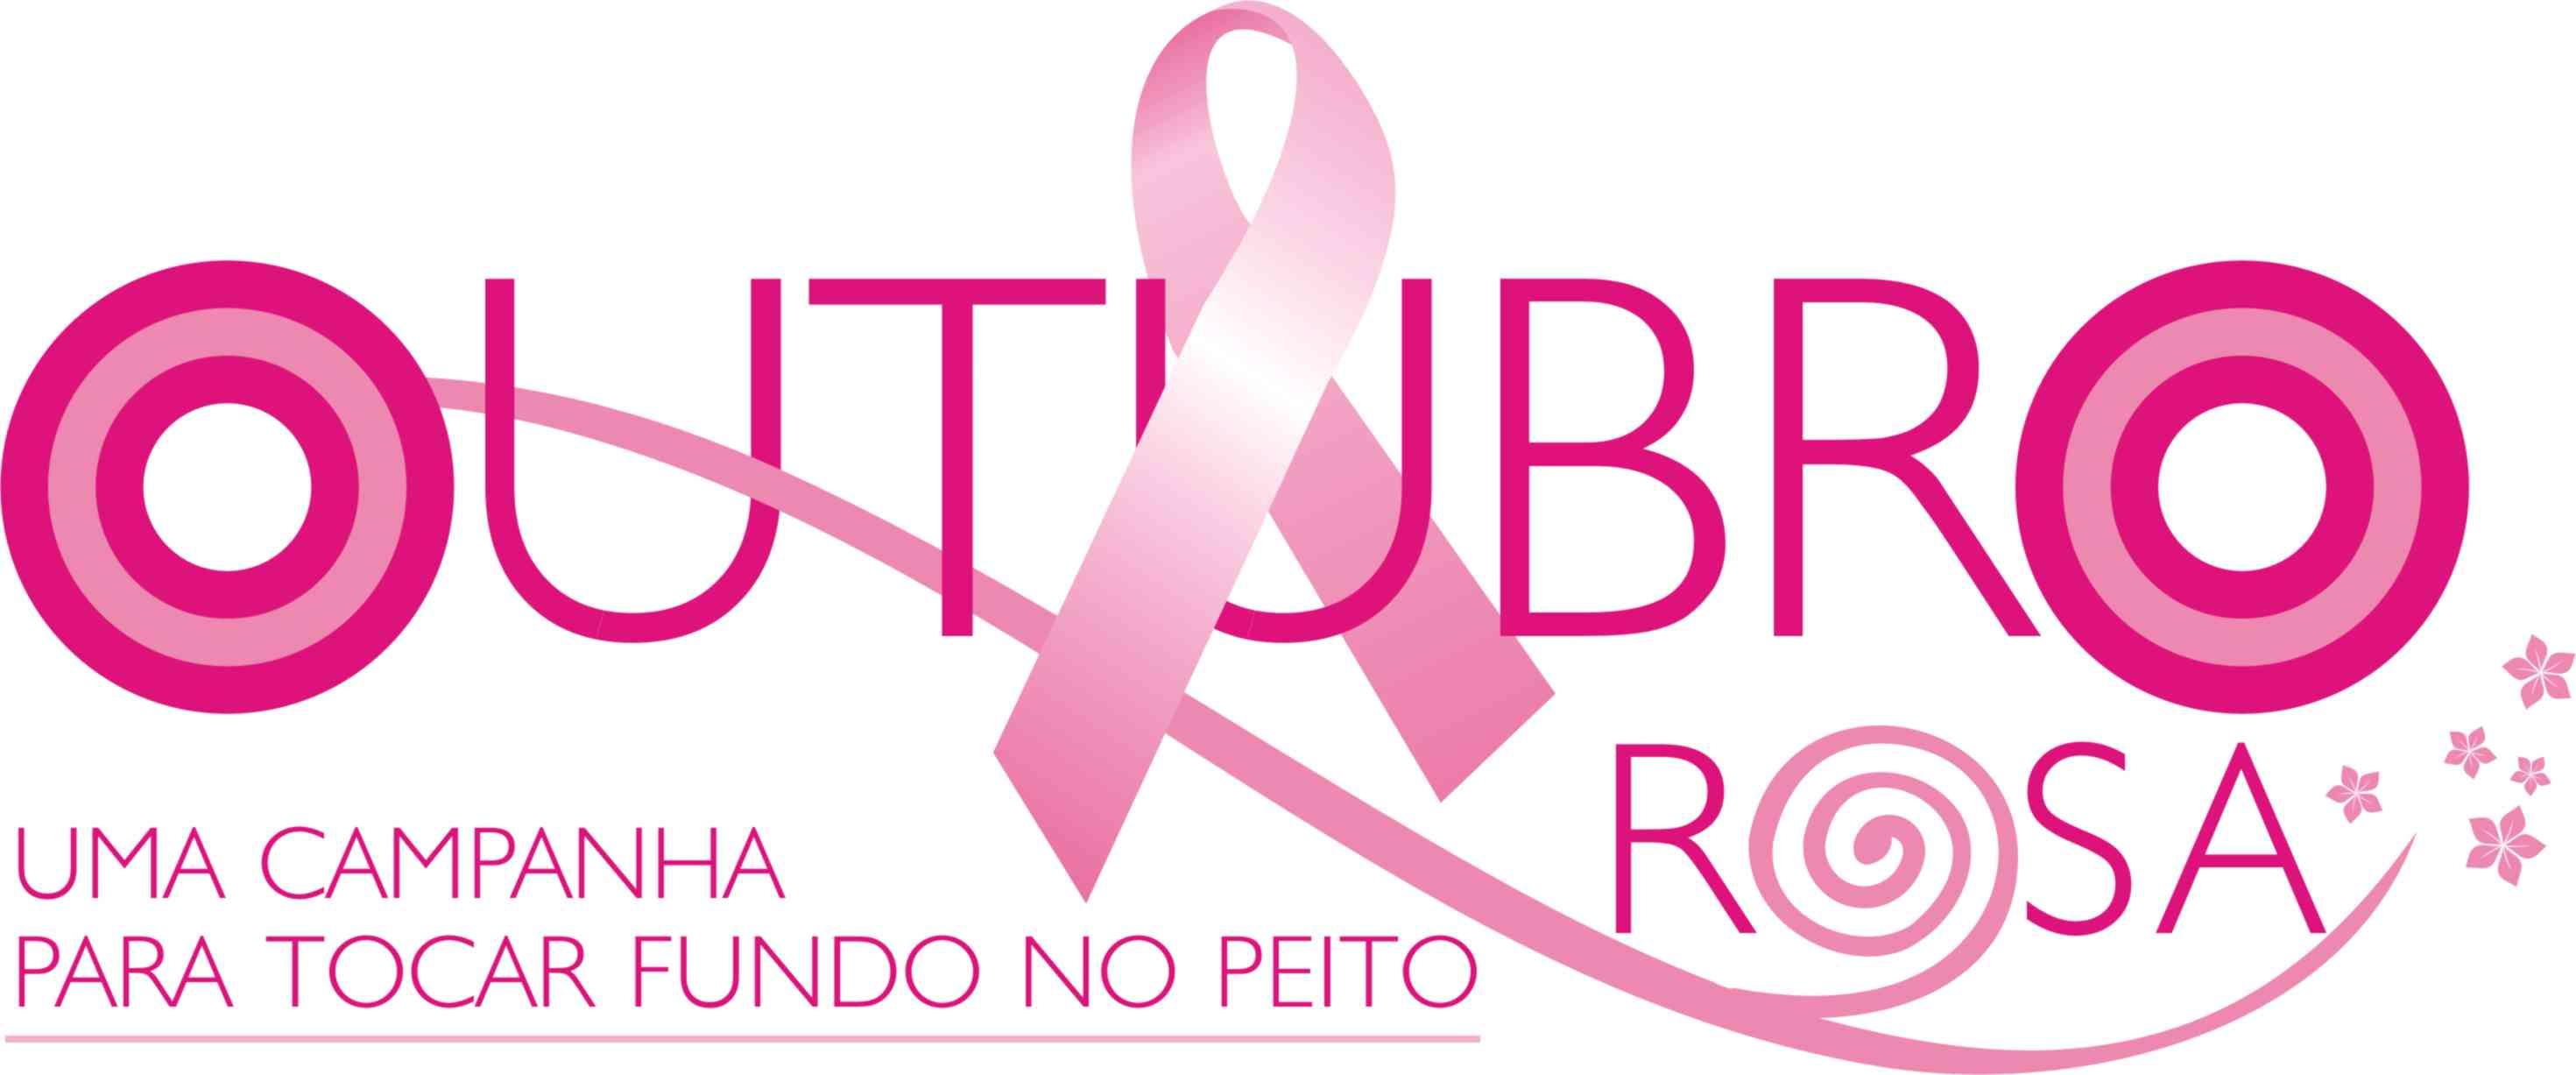 Suficiente Saiba mais: Outubro Rosa – Em Pauta XX84